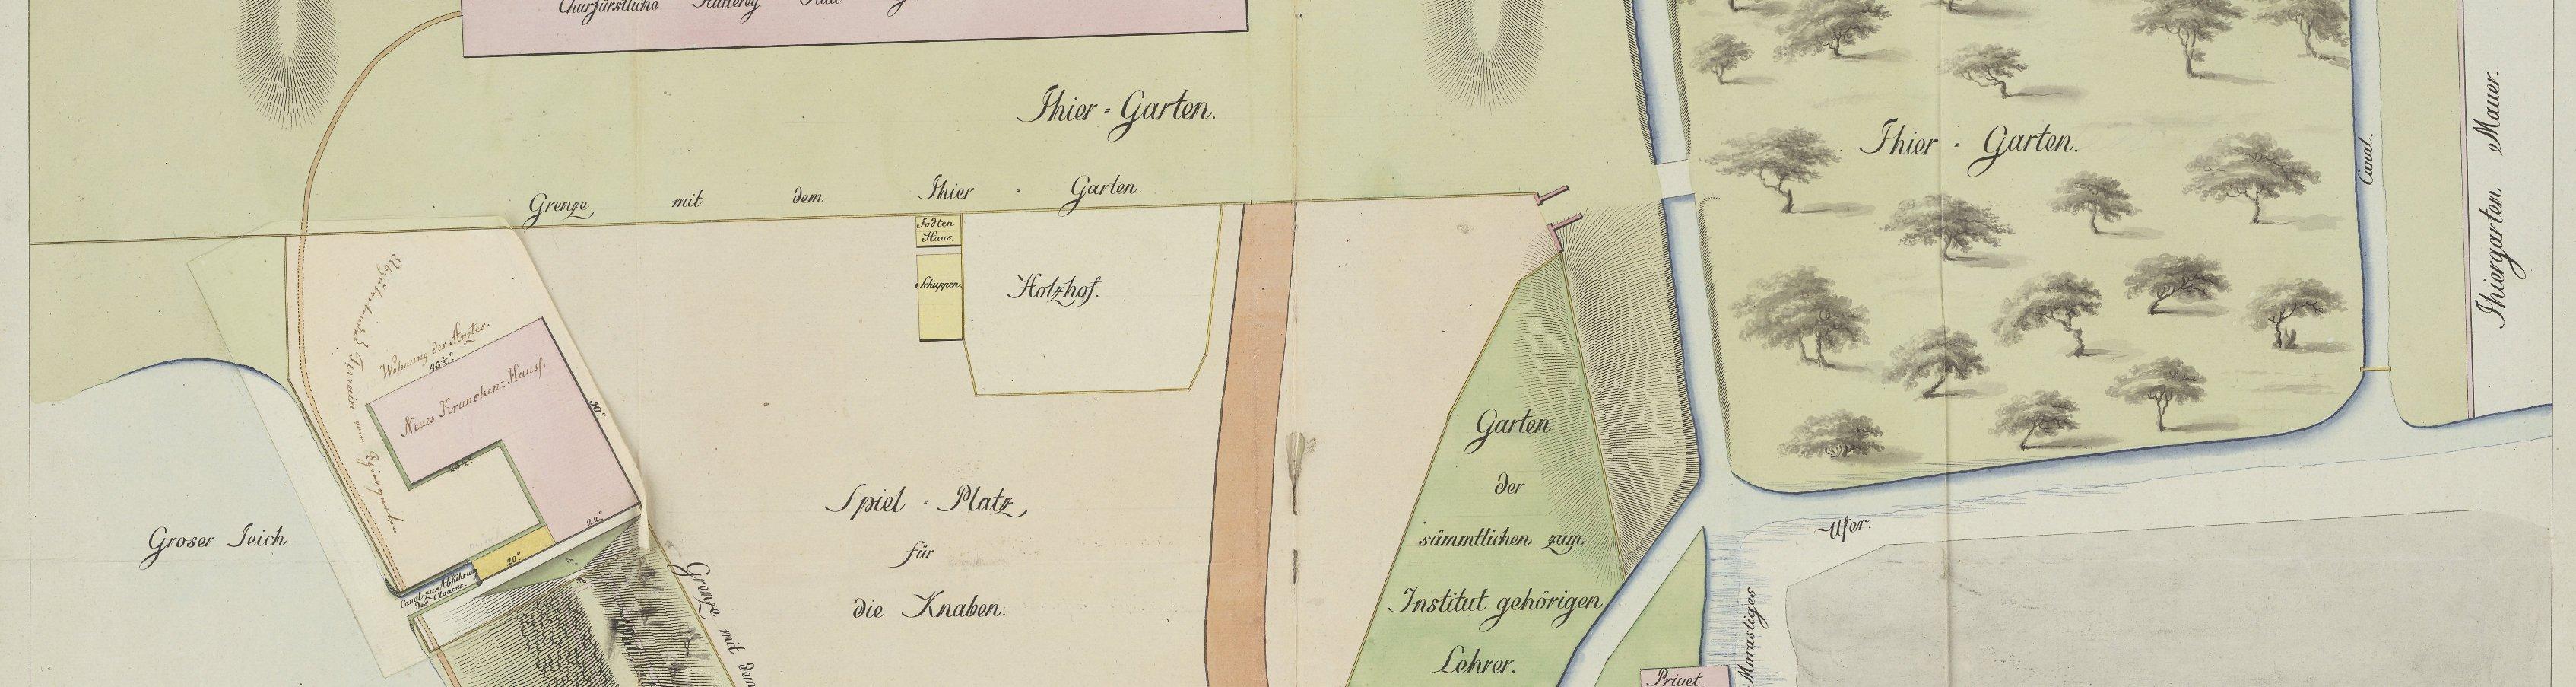 spielplatz-um-1800